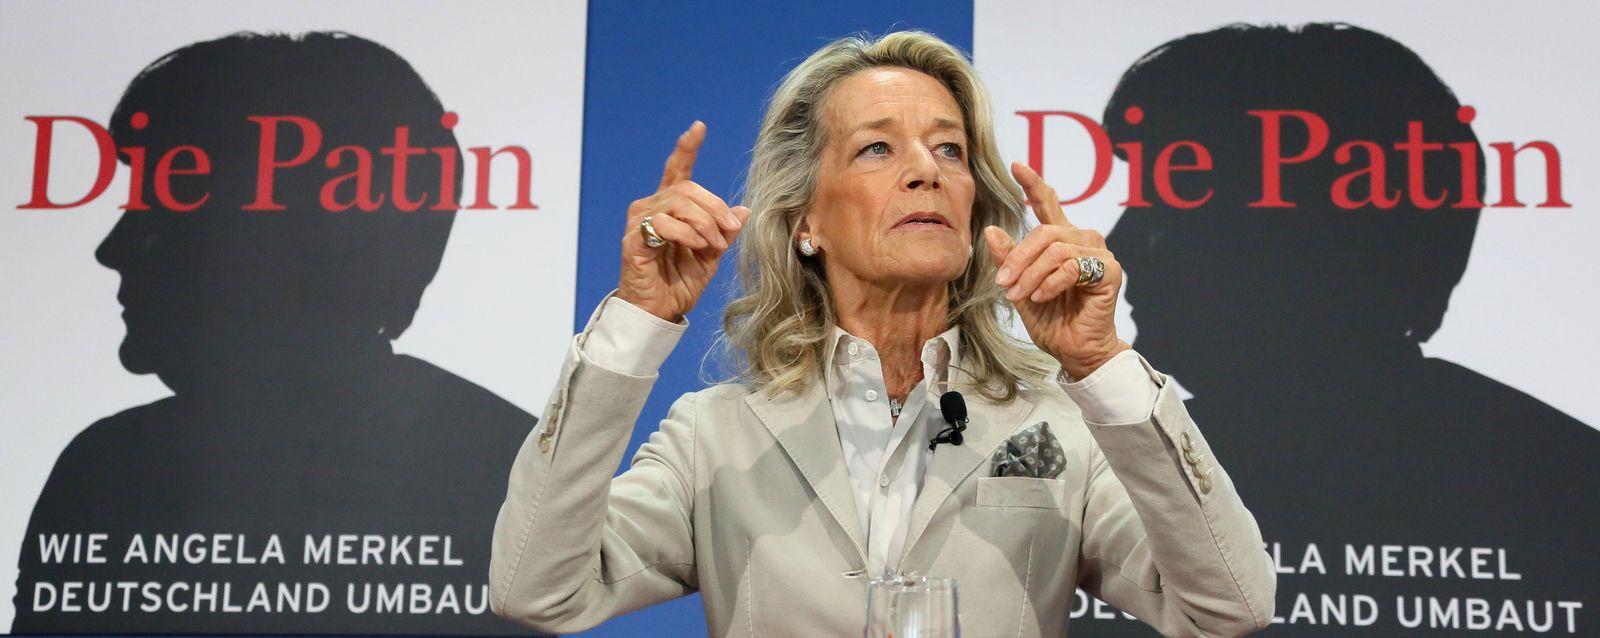 """Buchvorstellung """"Die Patin-wie Angela Merkel Deutschland umbaut"""""""